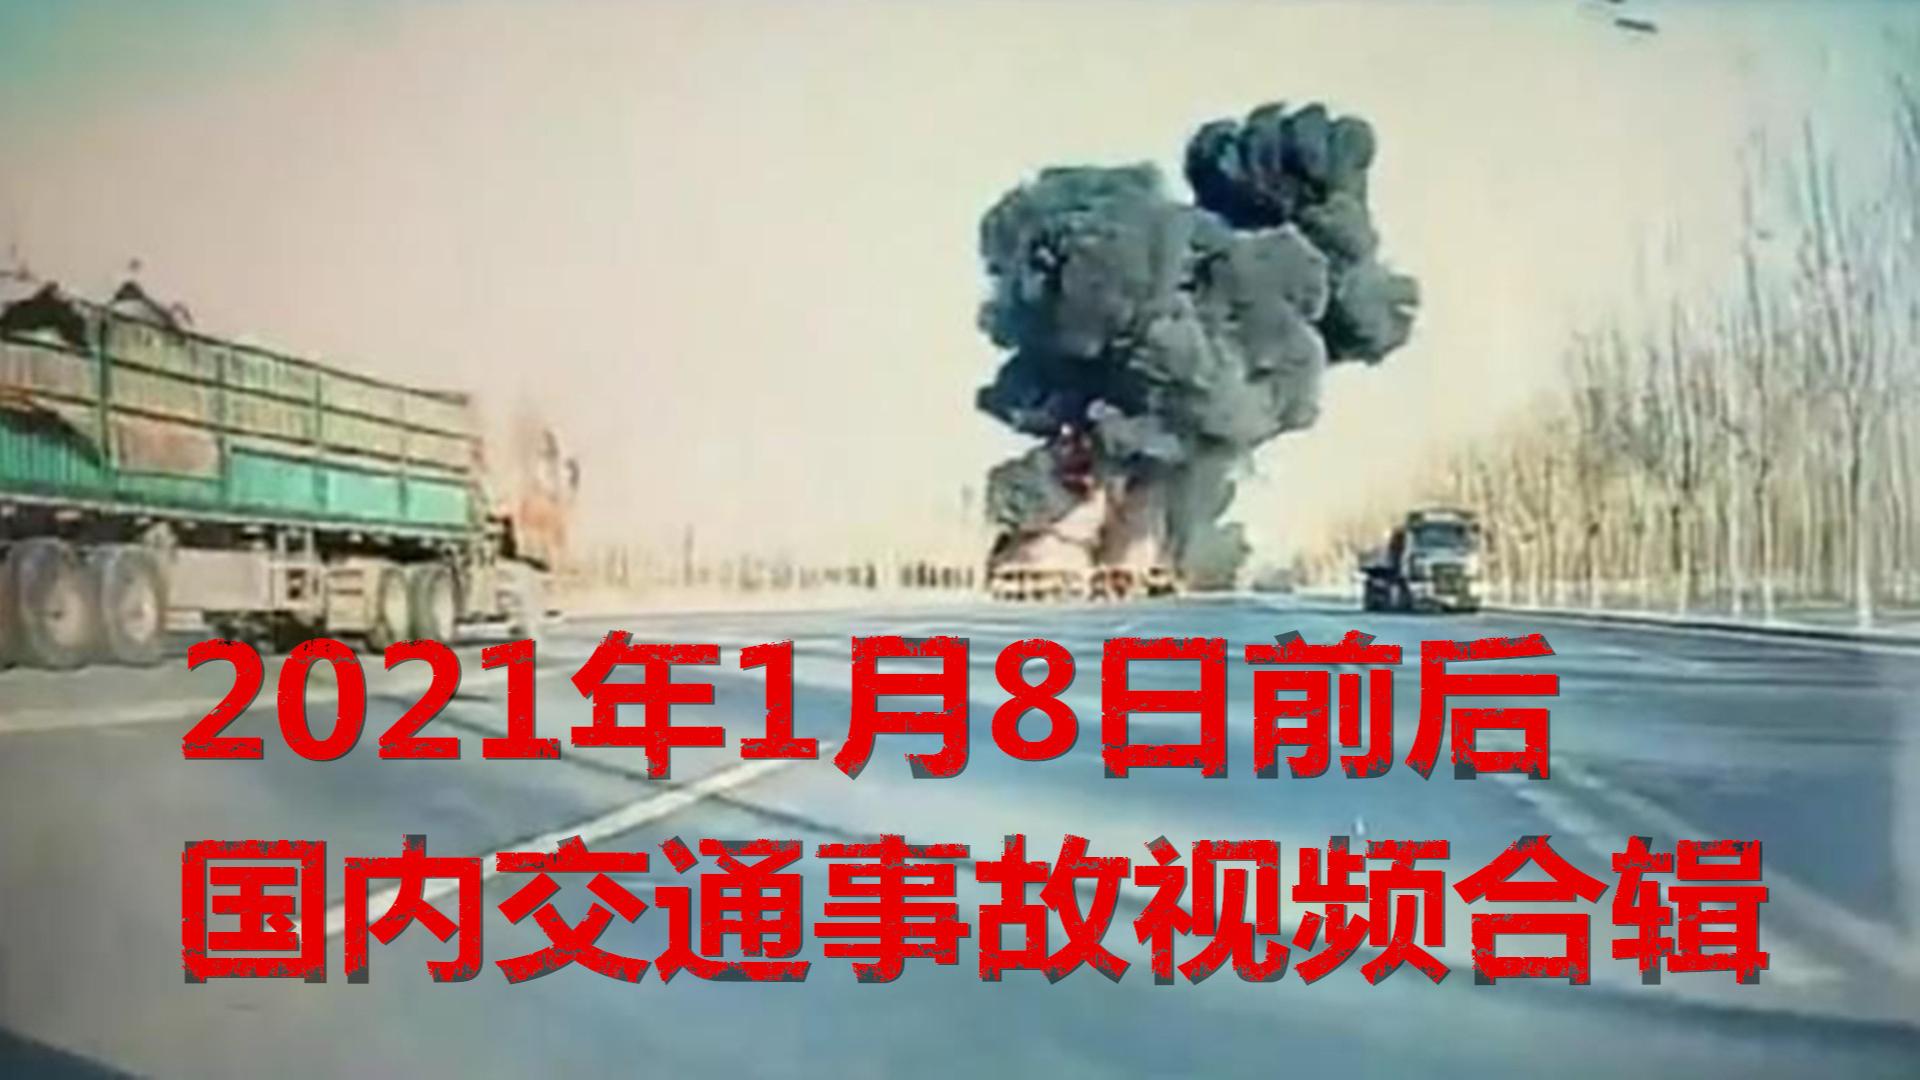 2021年1月8日前后国内交通事故视频合辑